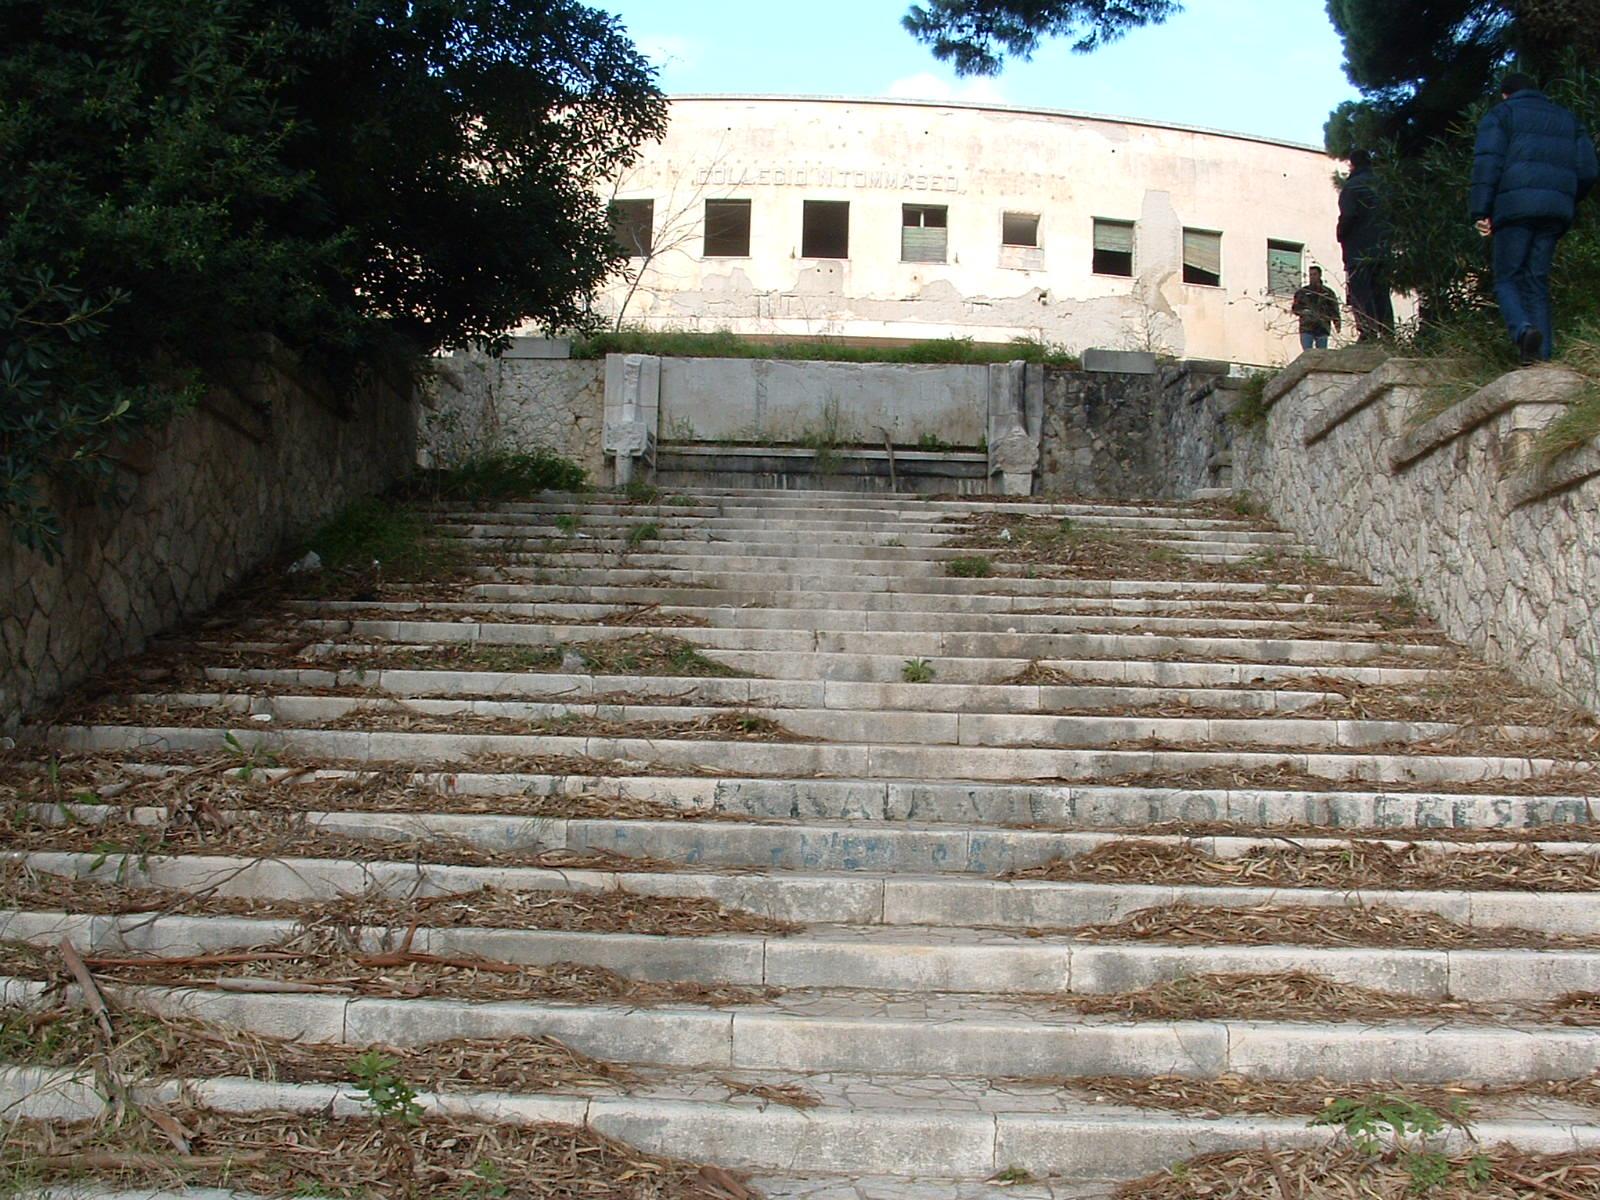 Ufficio Di Collocamento Francavilla Fontana : Francavilla f enne contromano sulla statale per